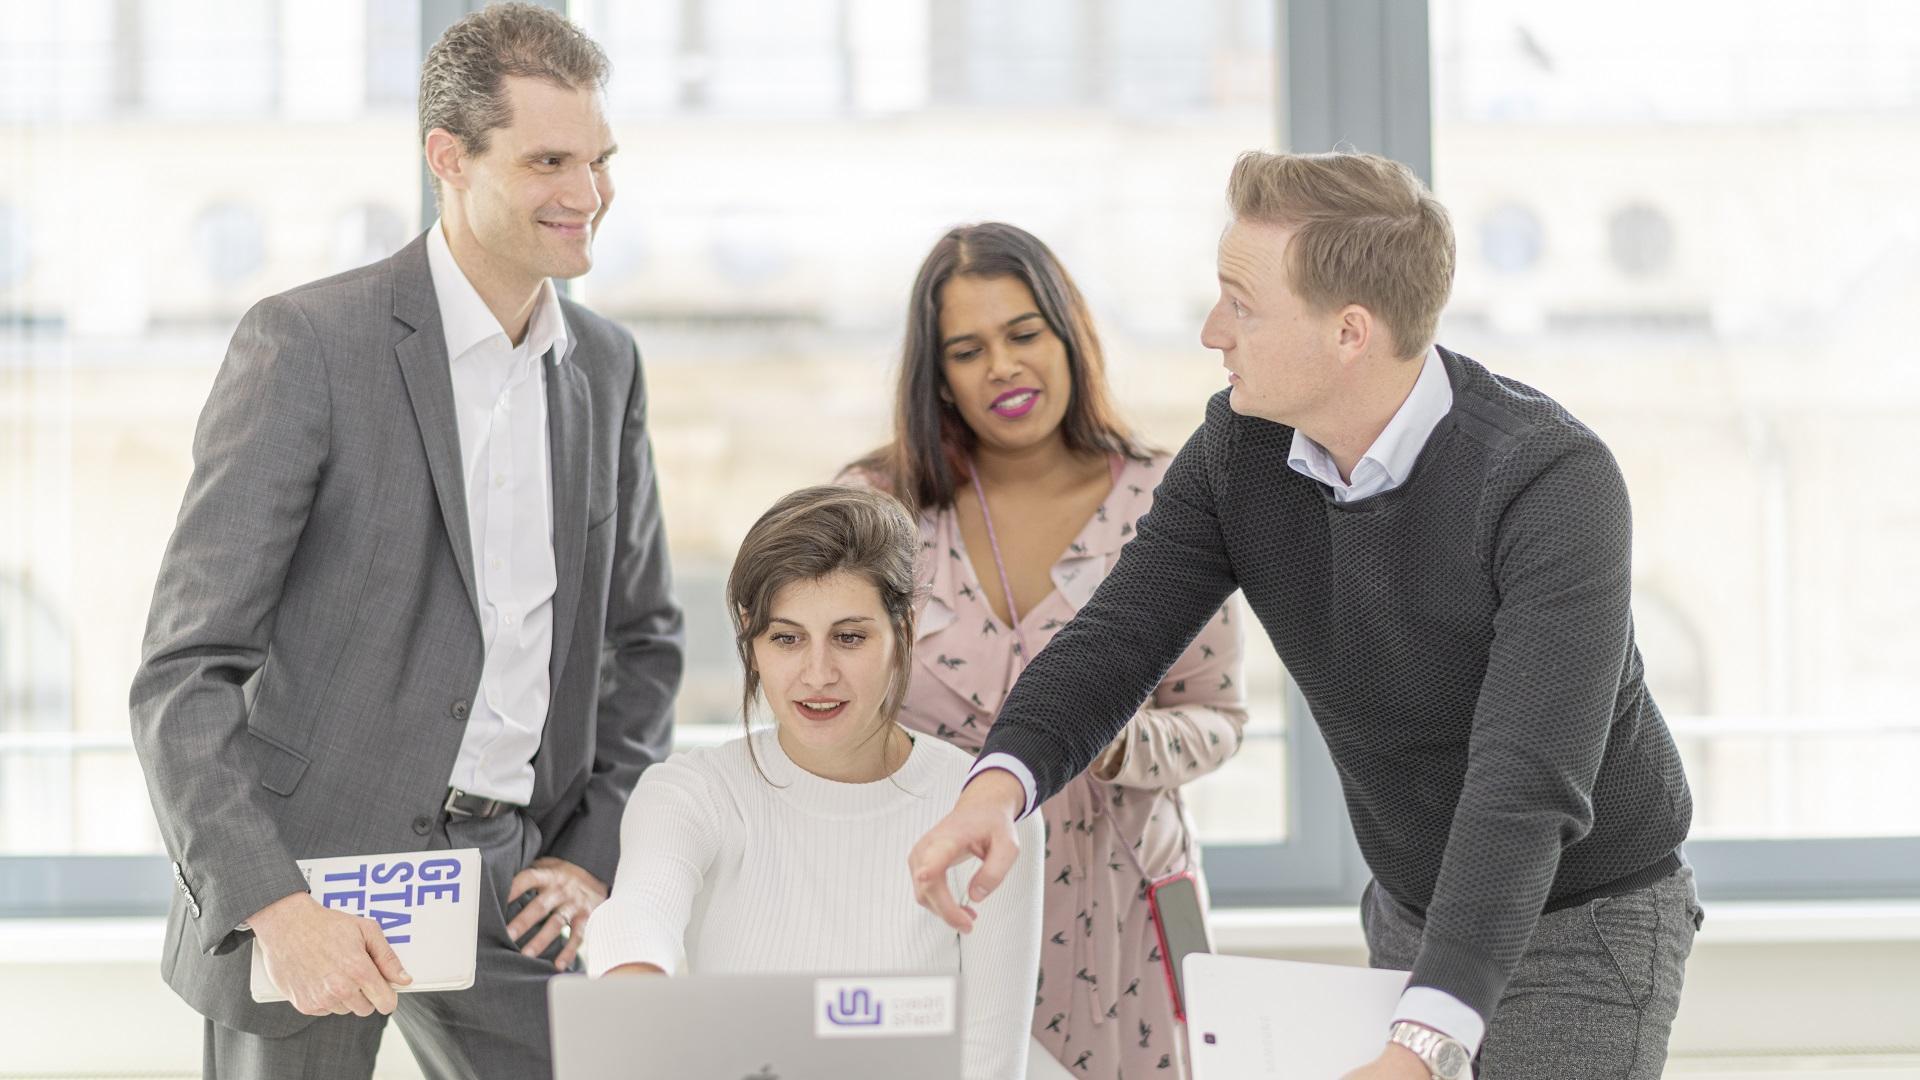 Friendsurance Besprechung über die Digitalisierung der Versicherungsbranche